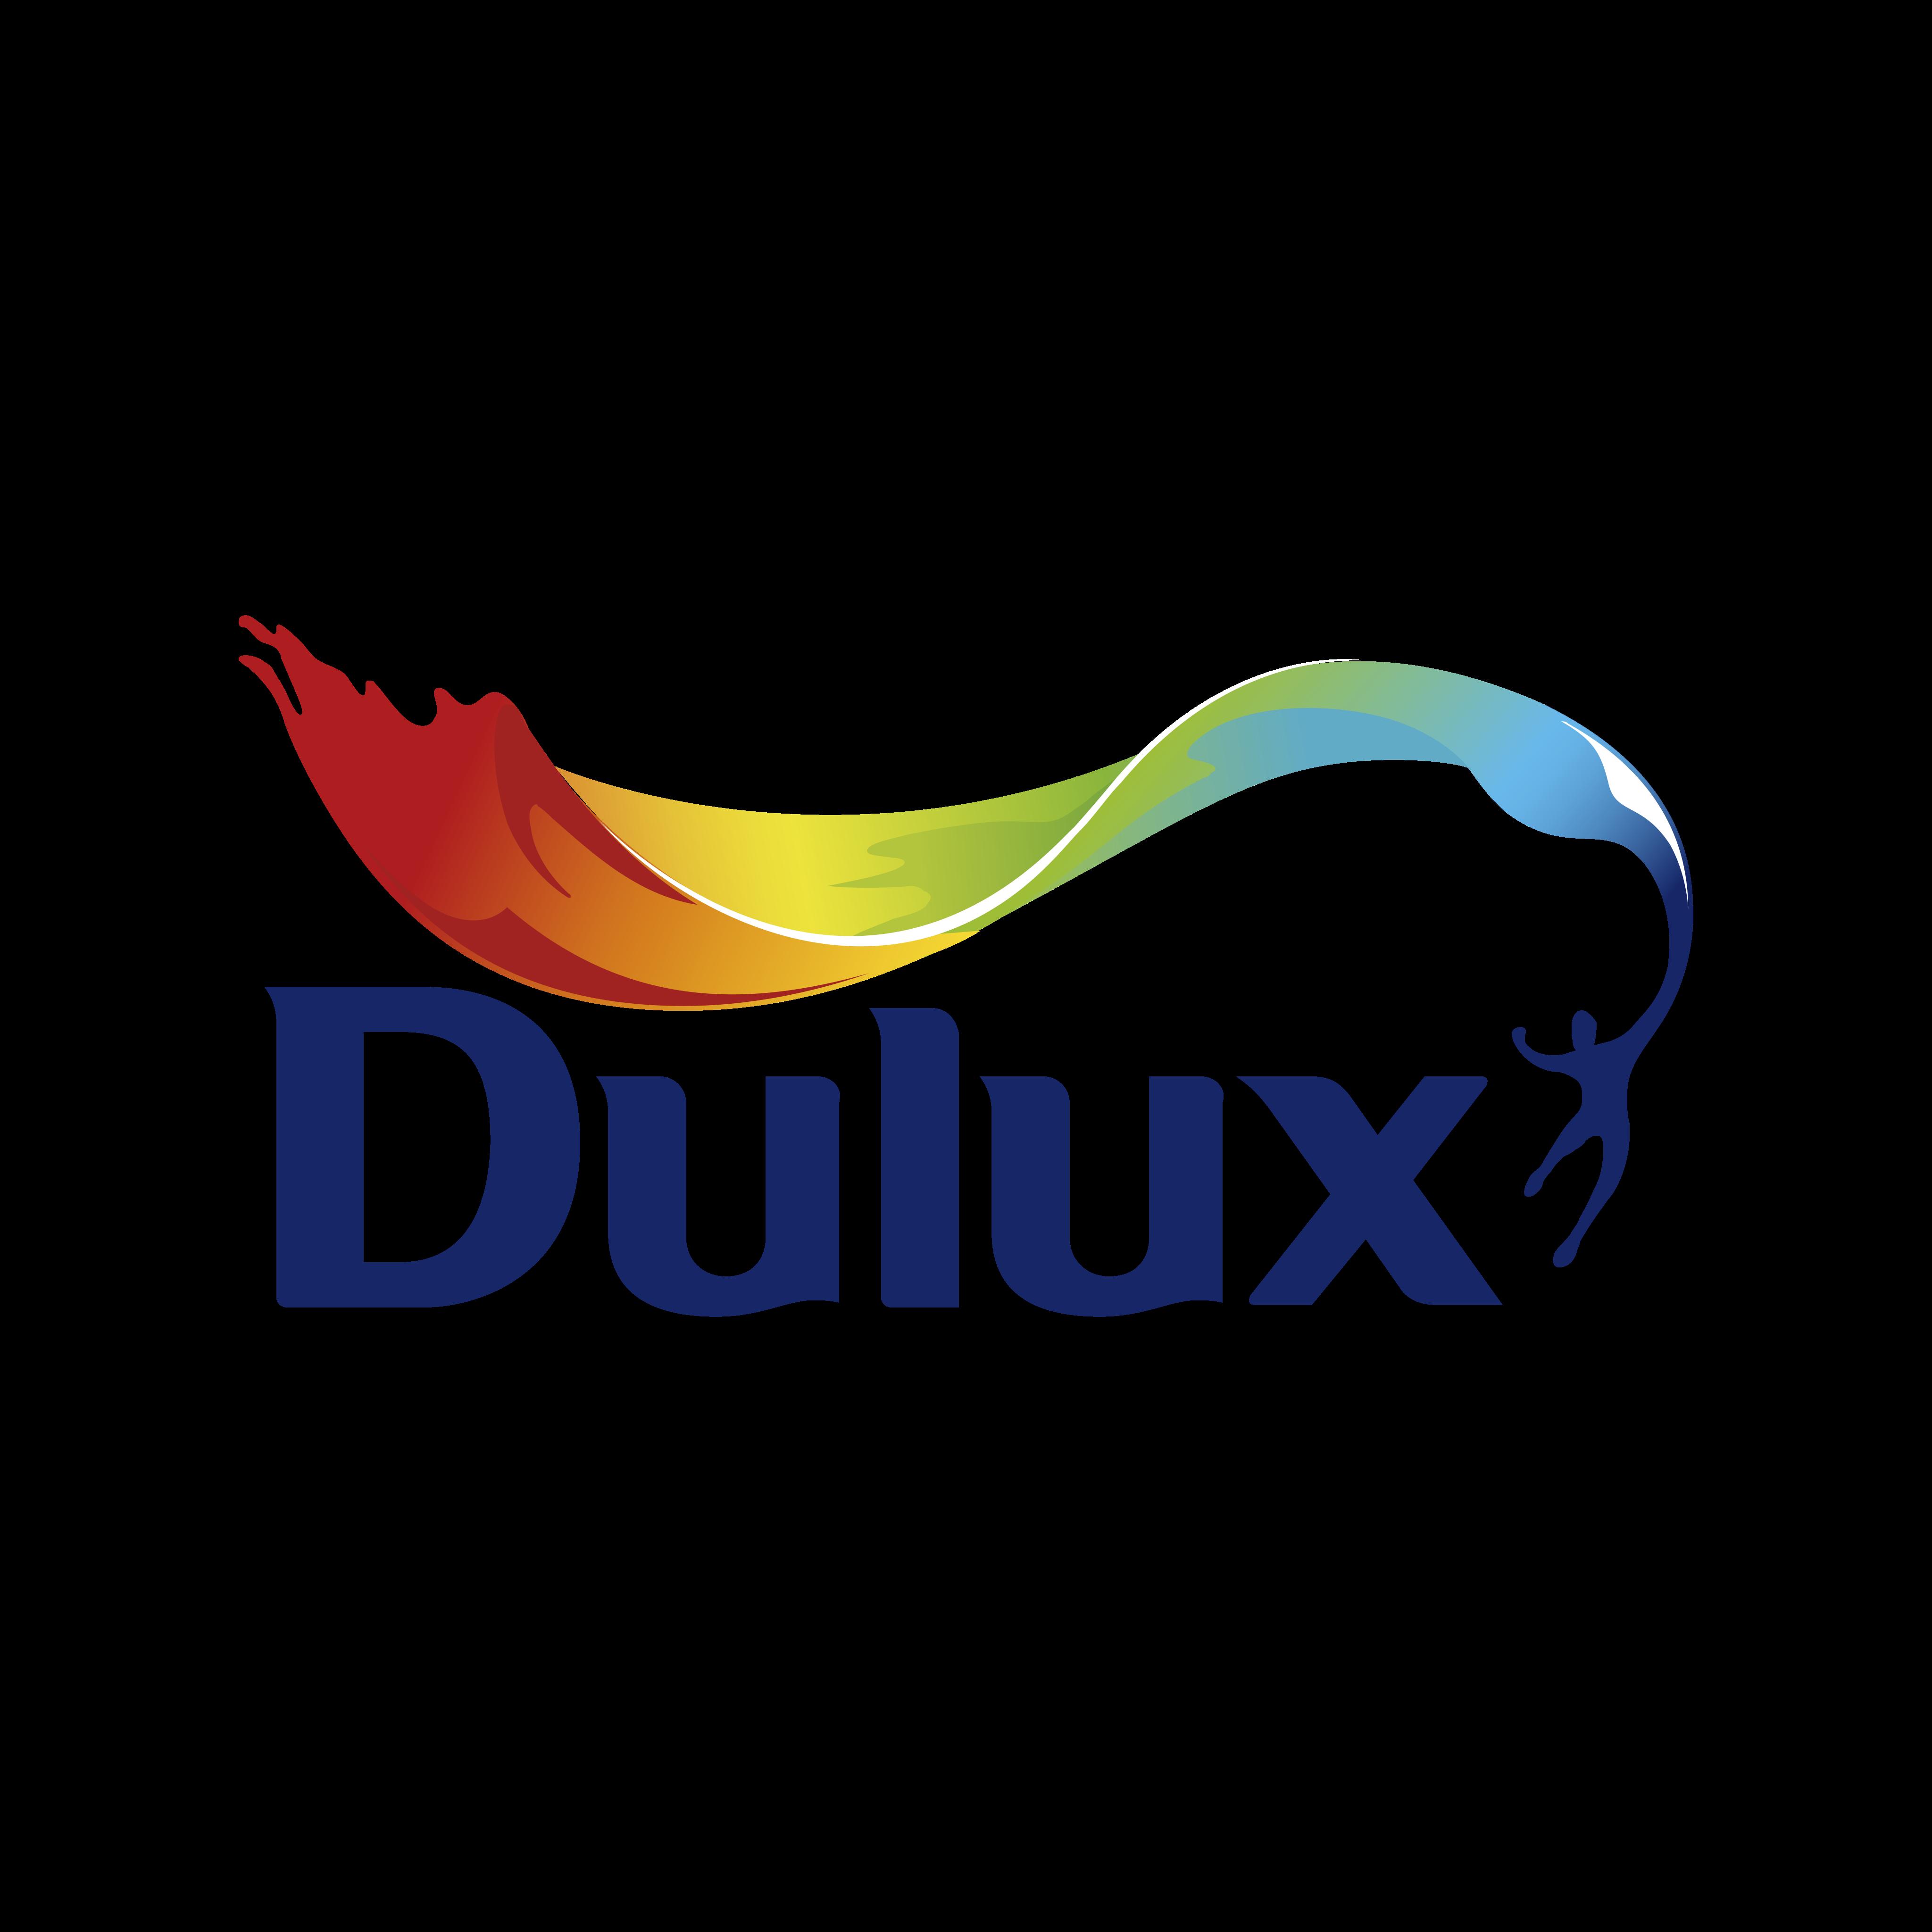 dulux logo 0 - Dulux Paints Logo